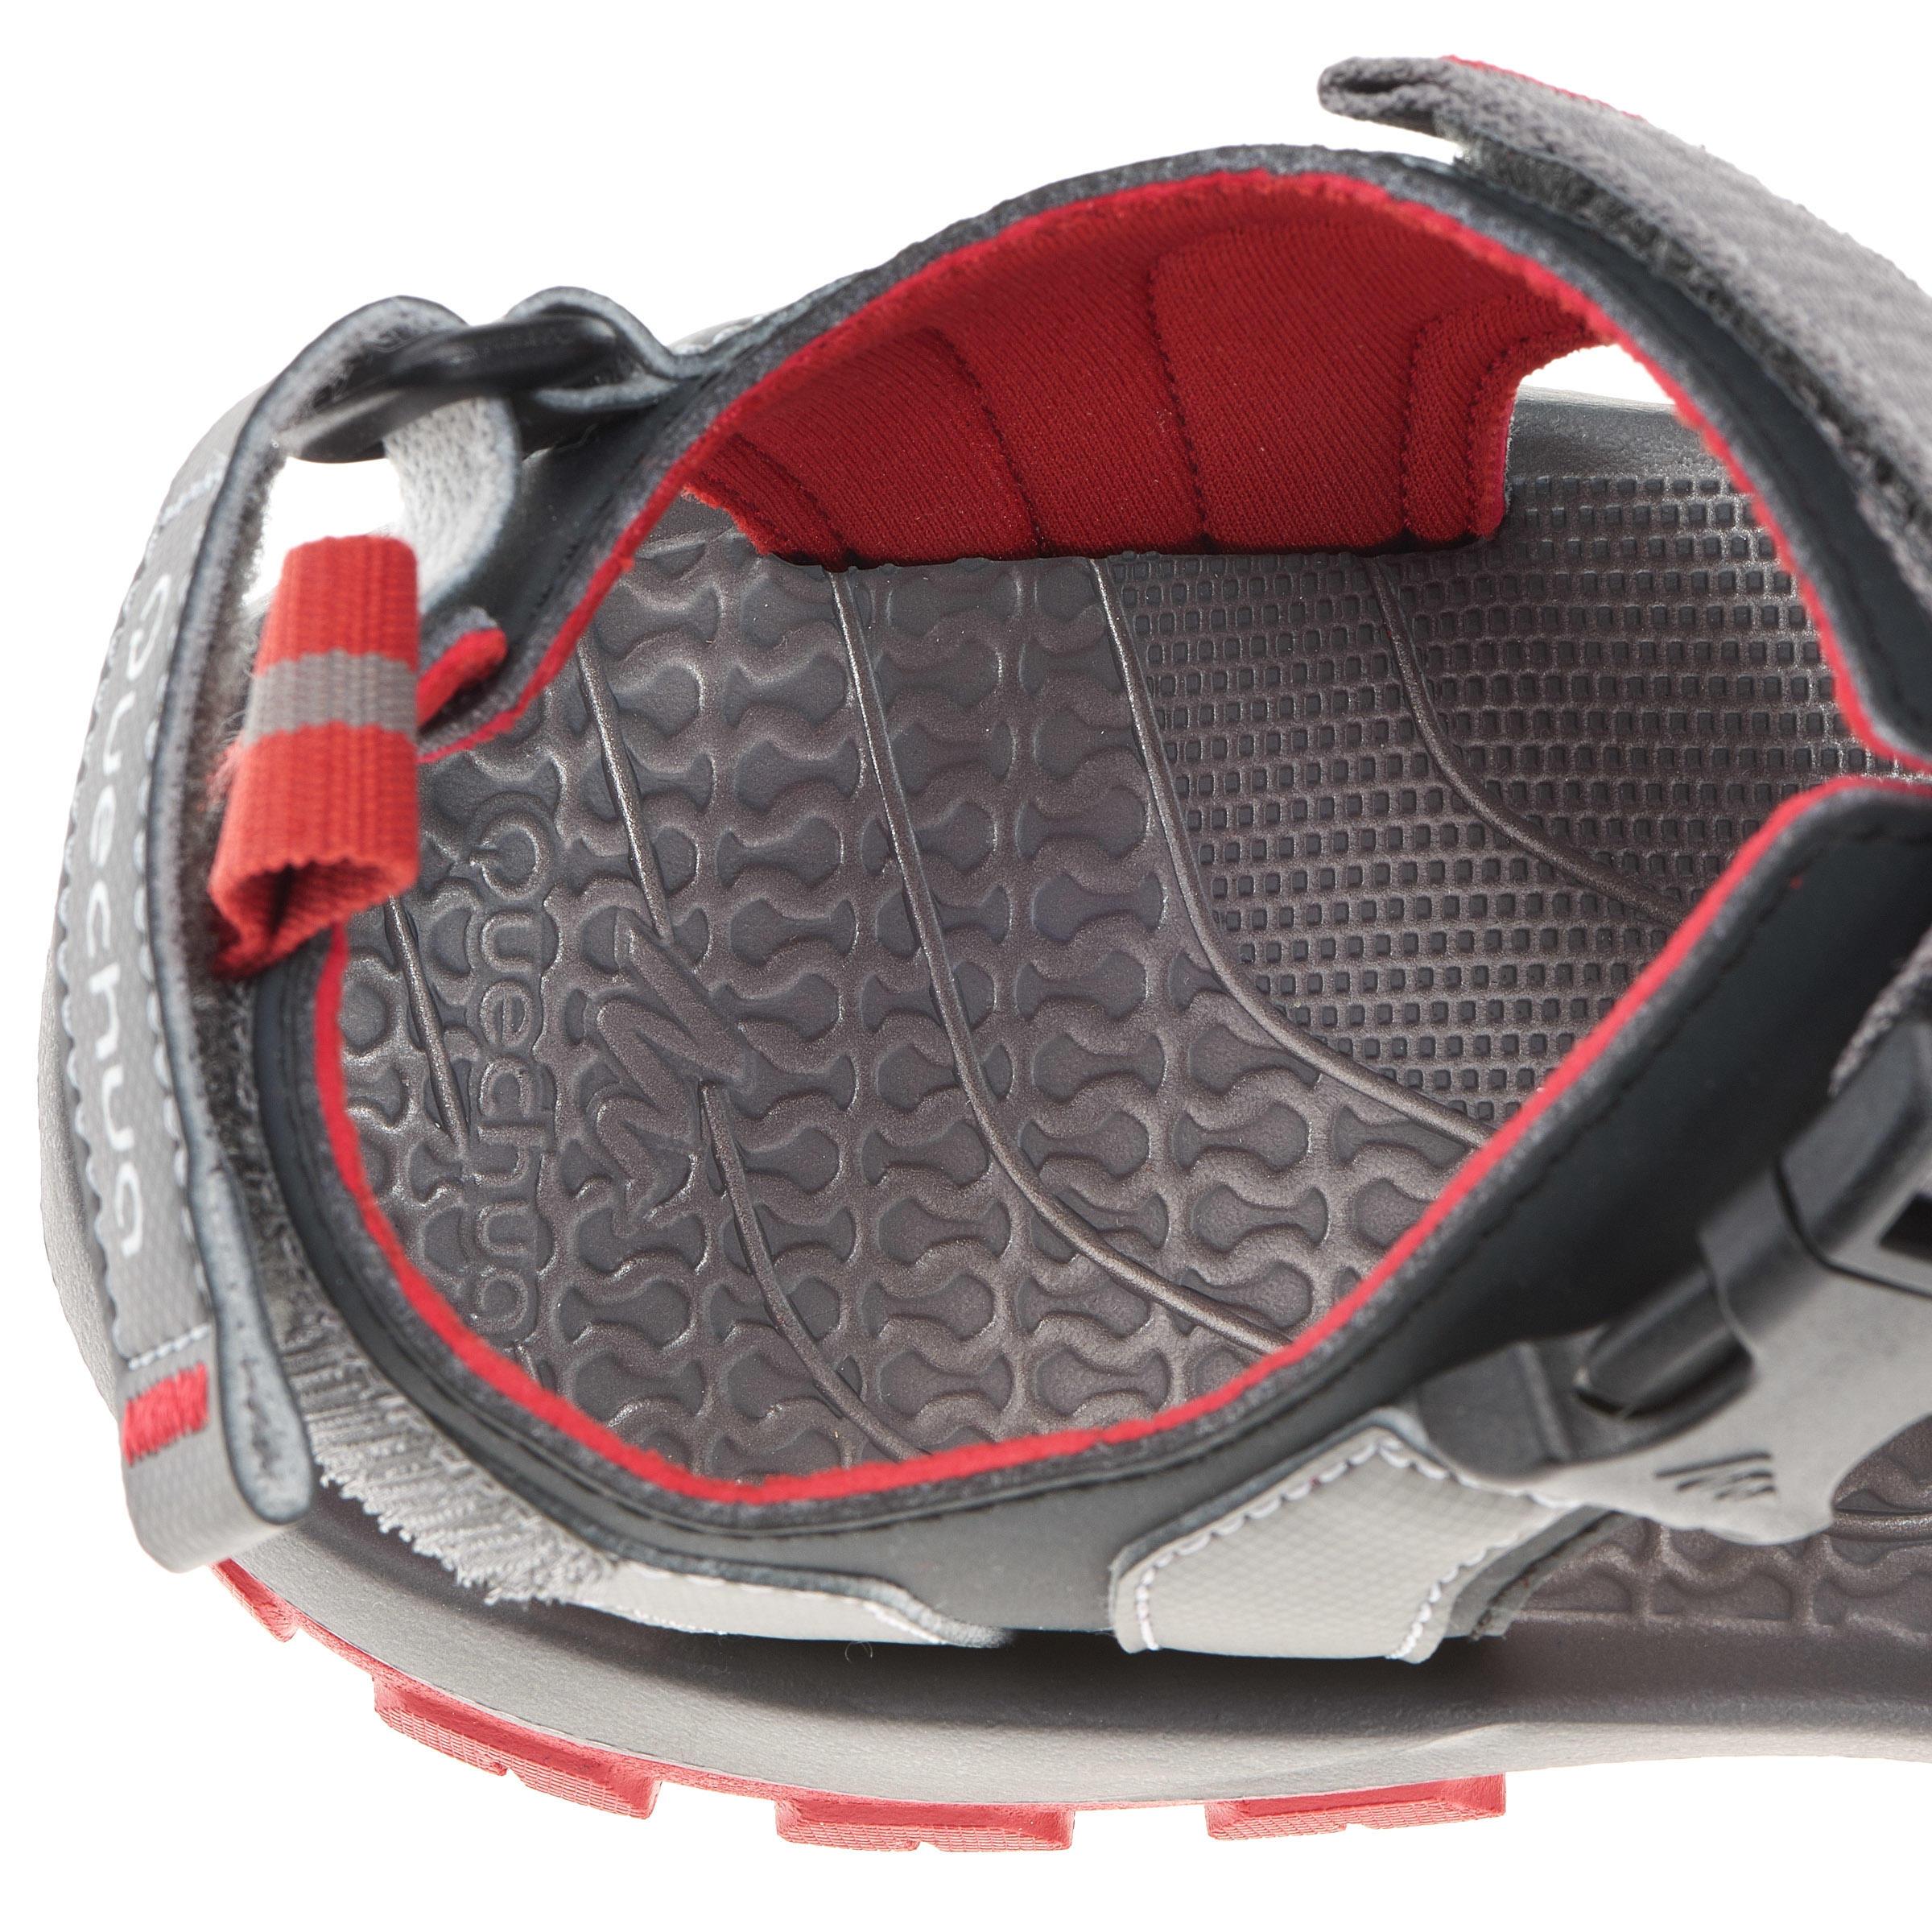 Arpenaz 100 Men's Backpacking Sandal Grey